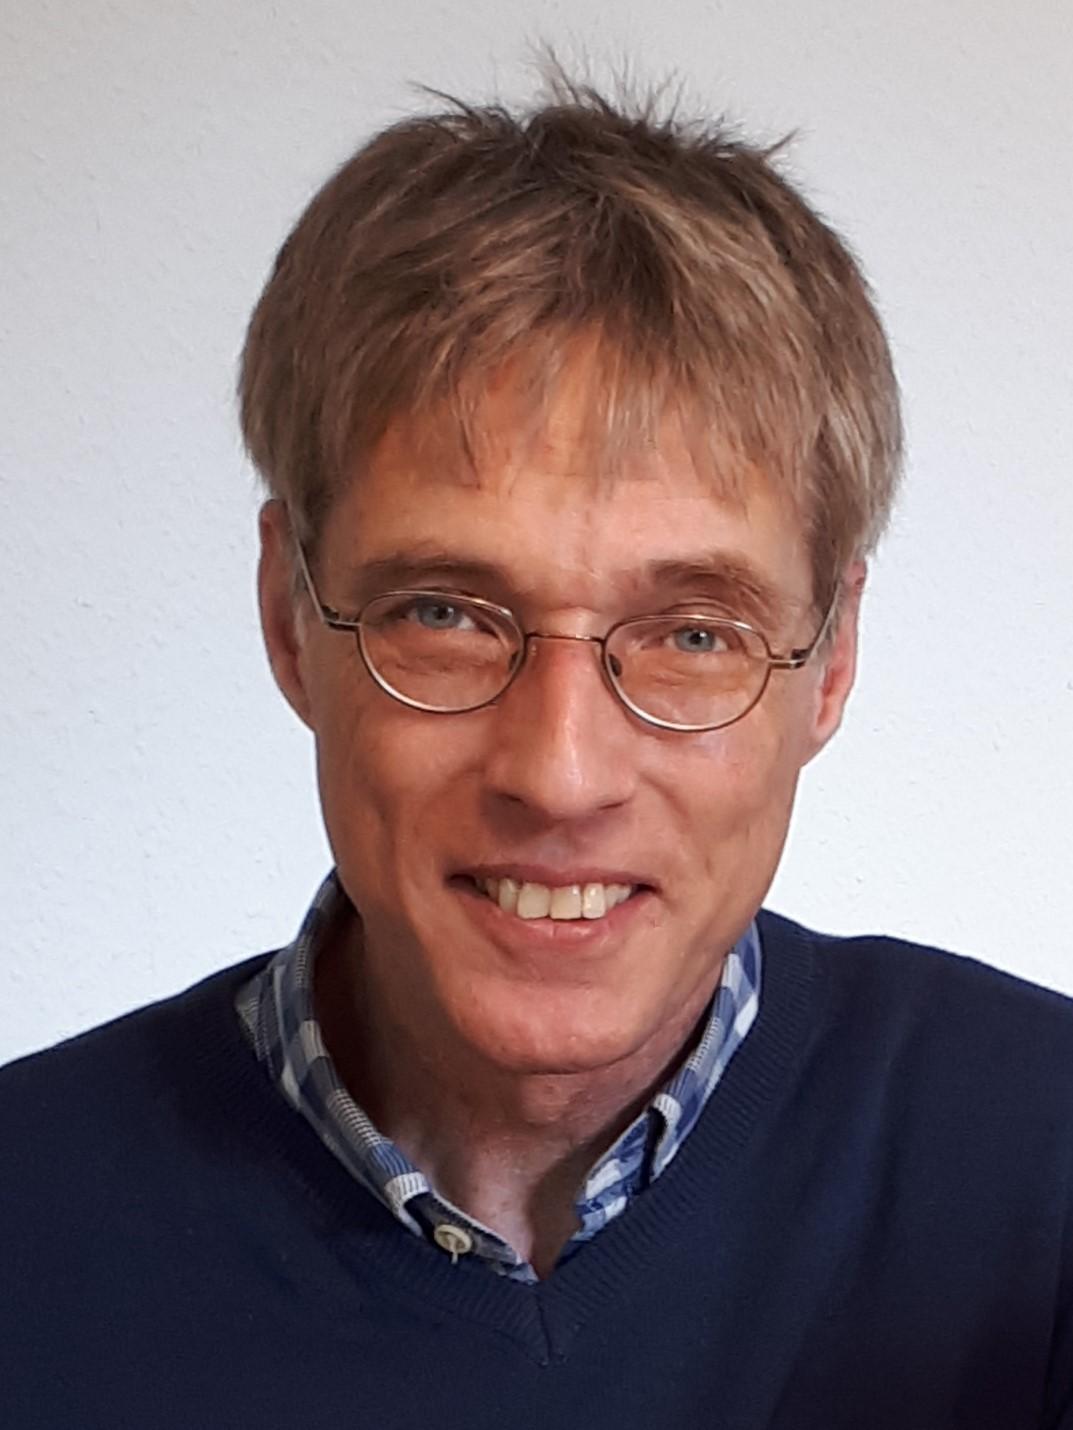 Martin Zurborg